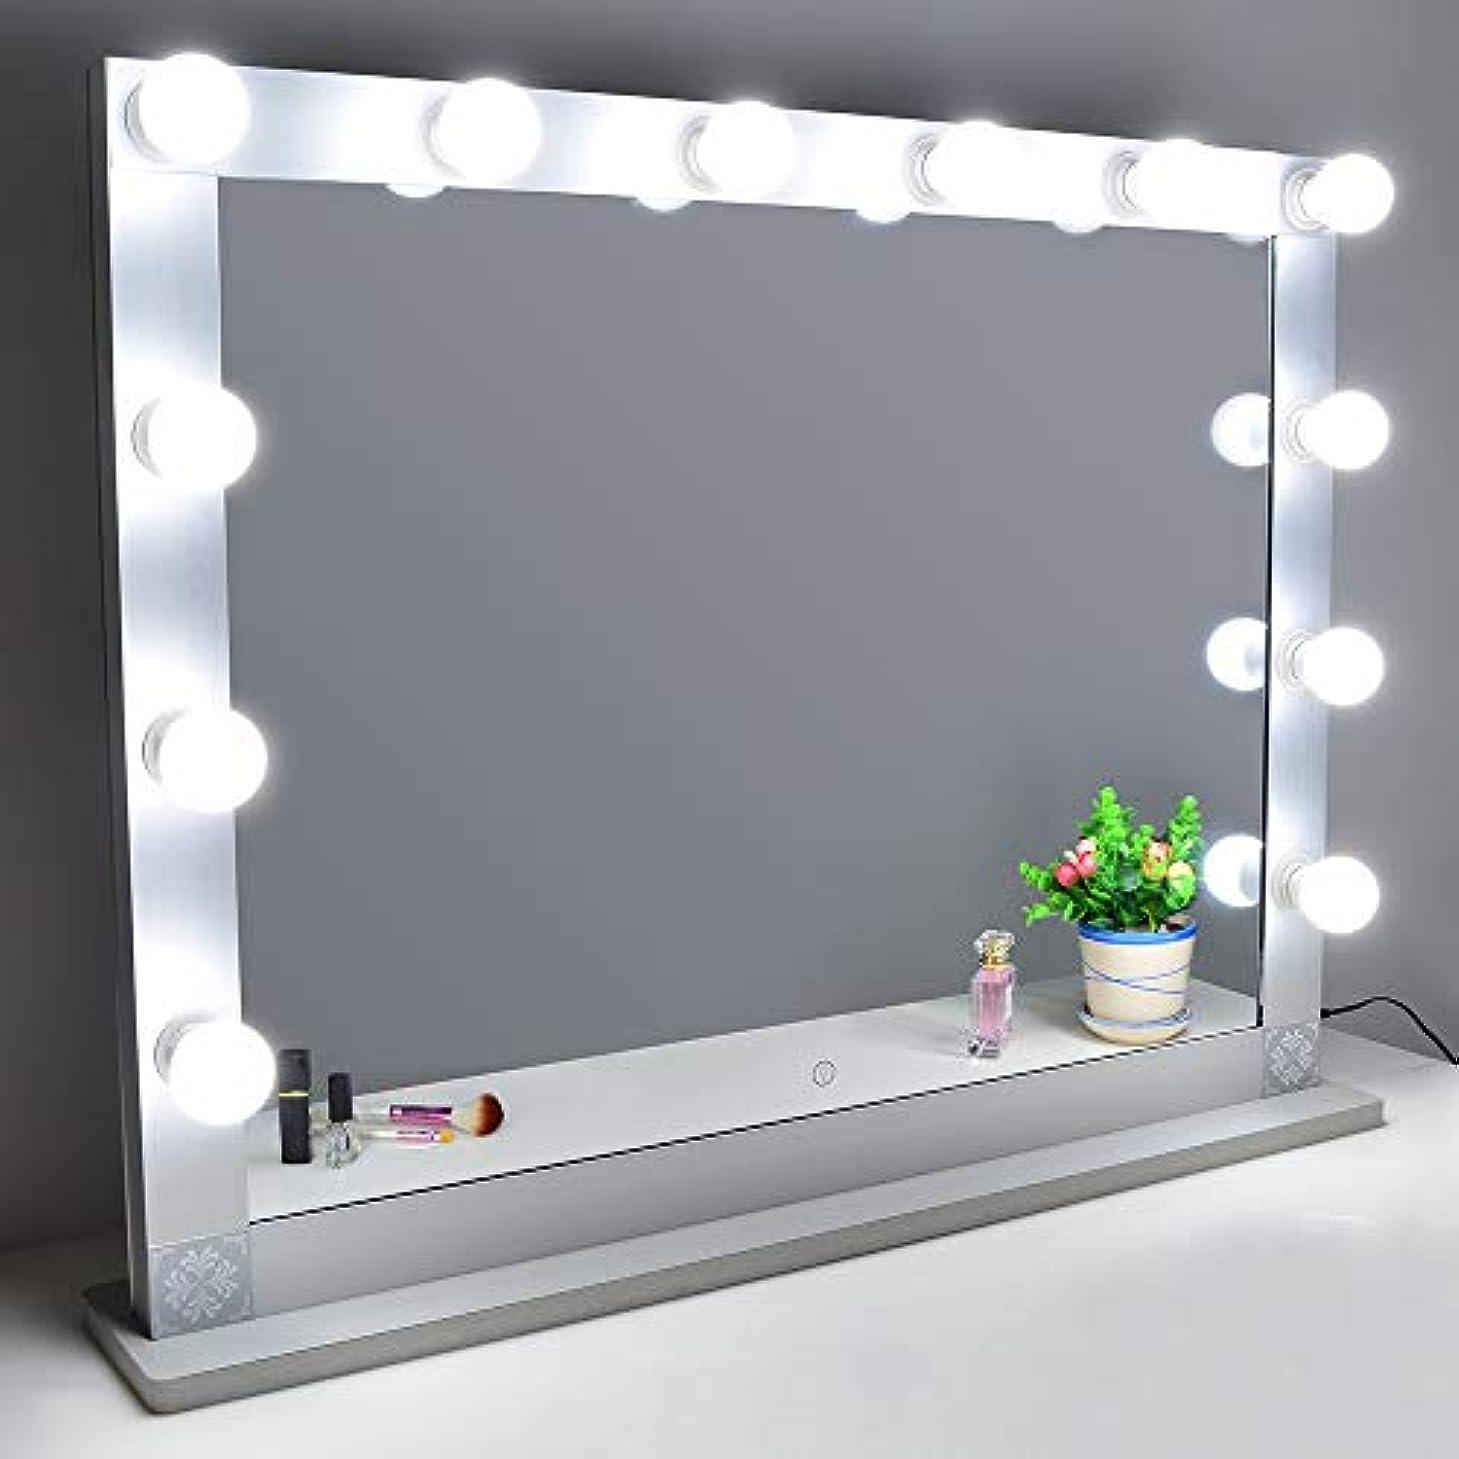 お酒グロー例Nitin 女優ミラー 大型化粧鏡 ハリウッドミラー 12個LED電球付き 無段階調光 スタンド付き USB差込口付き 卓上ミラー 女優ライト ドレッサー/化粧台に適用(85*66.5cm)